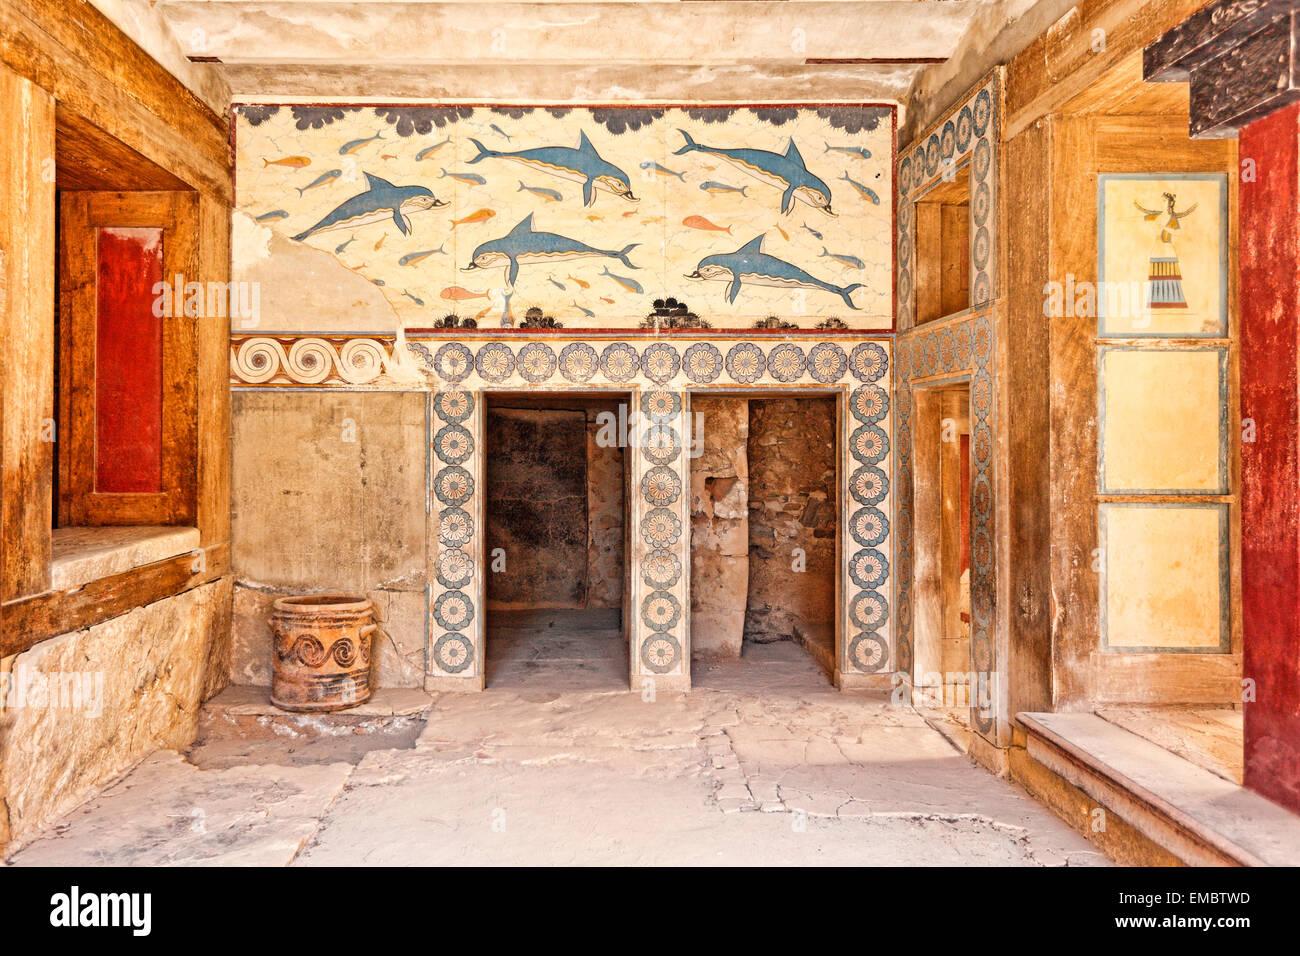 Die Halle der Doppeläxte und Megaron der Königin des Palastes in Knossos auf Kreta, Griechenland Stockbild